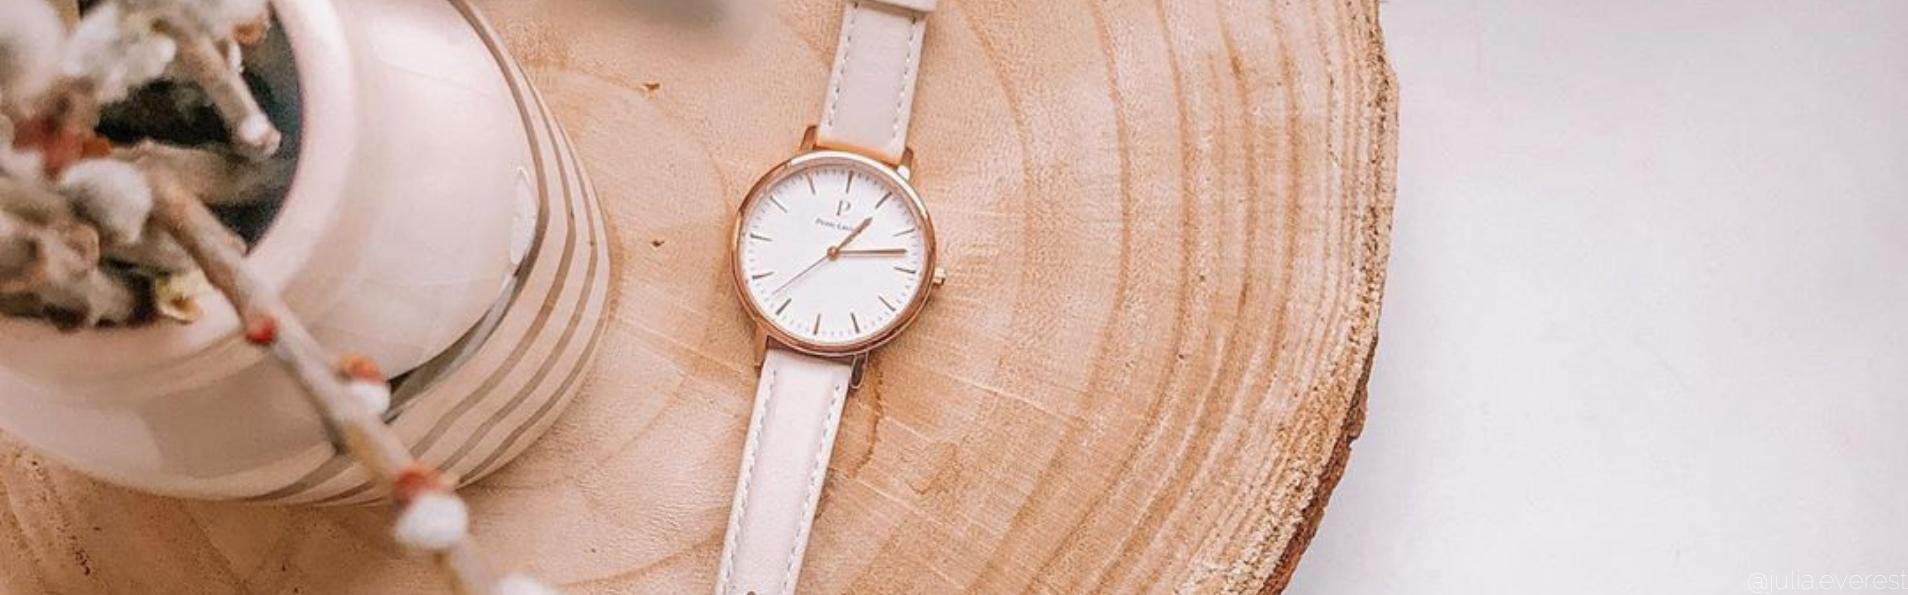 Pierre Lannier - Des bracelets de montre interchangeables